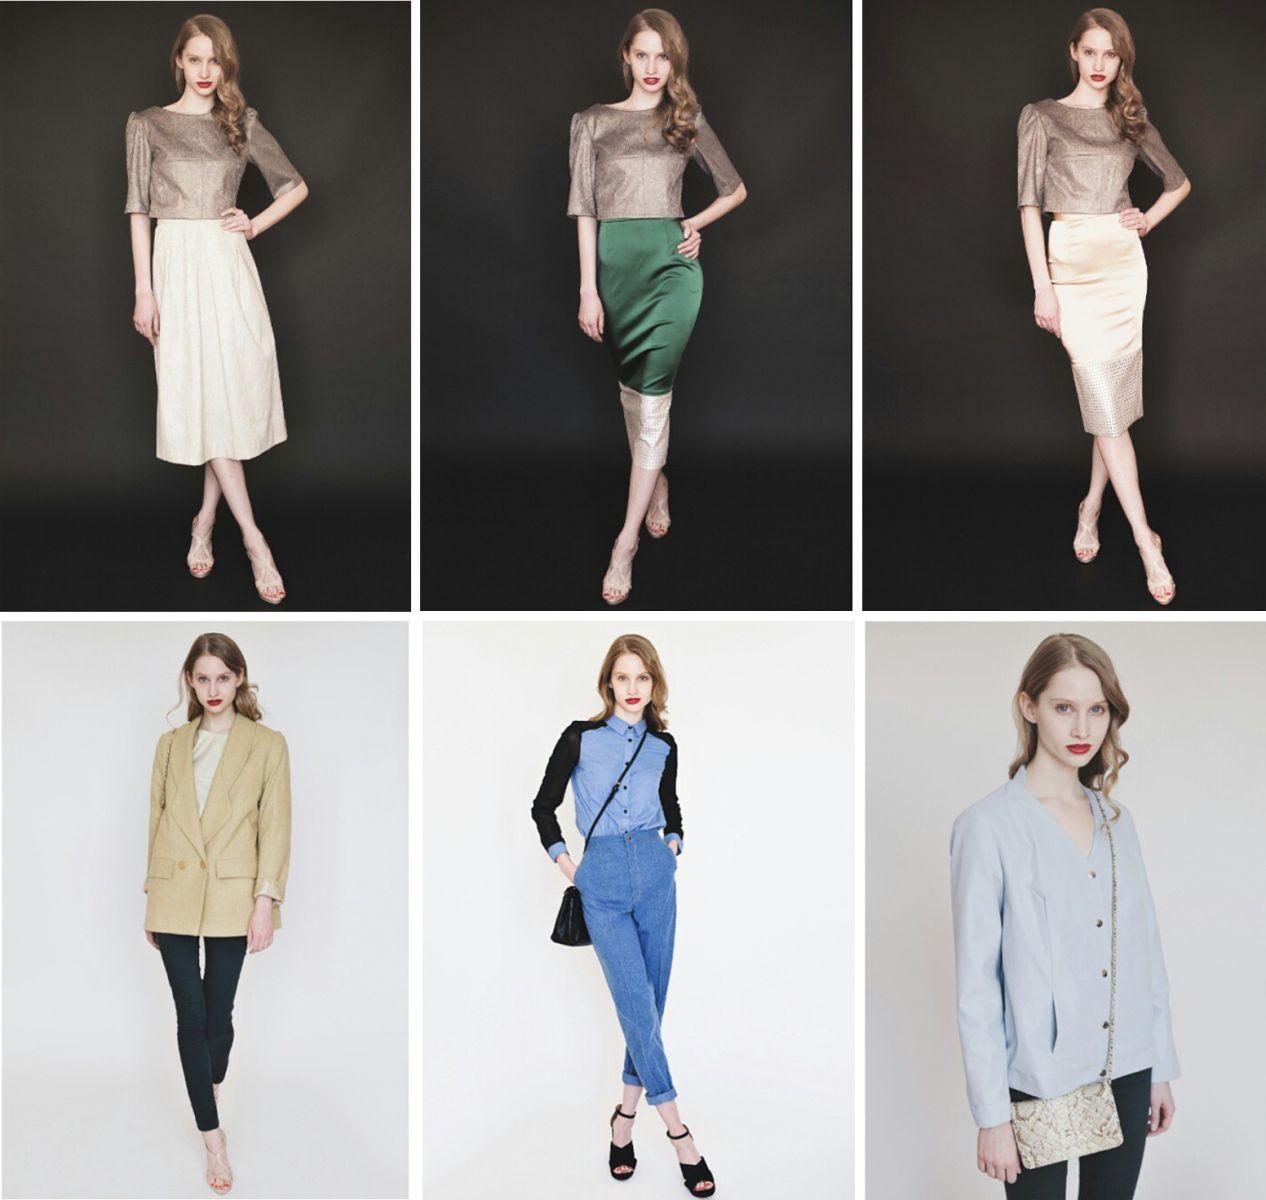 оптовый склад женской одежды распродажа